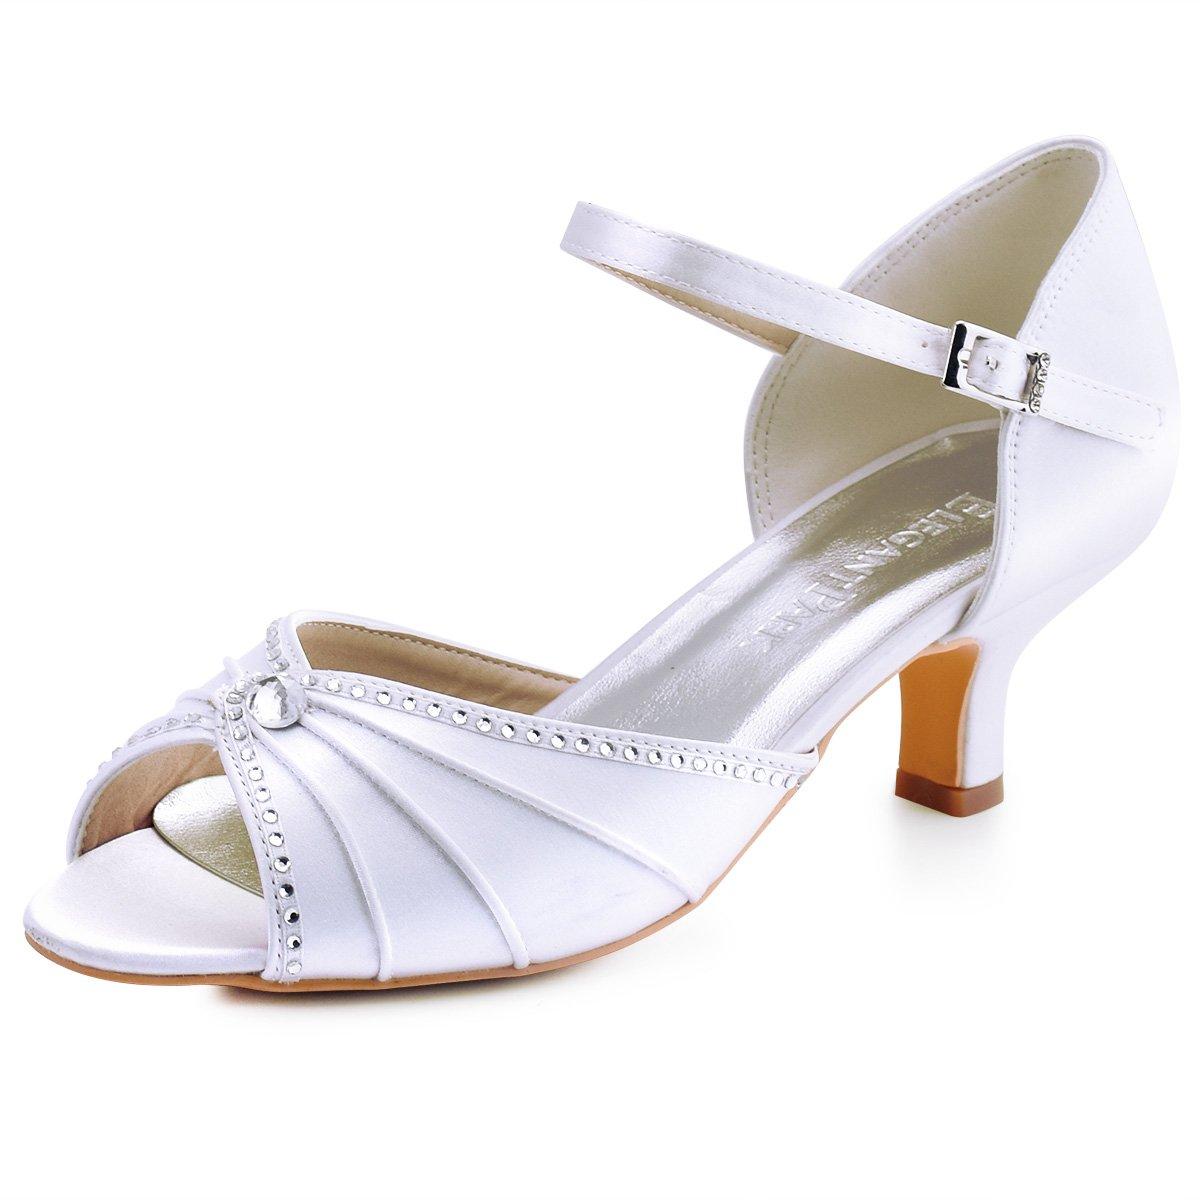 ElegantPark HP1623 Escarpins Satin ElegantPark Bout ouvert Diamant Talon Talon Bas ouvert Sandales chaussures de mariee bal Blanc 9d4a3b2 - gis9ma7le.space